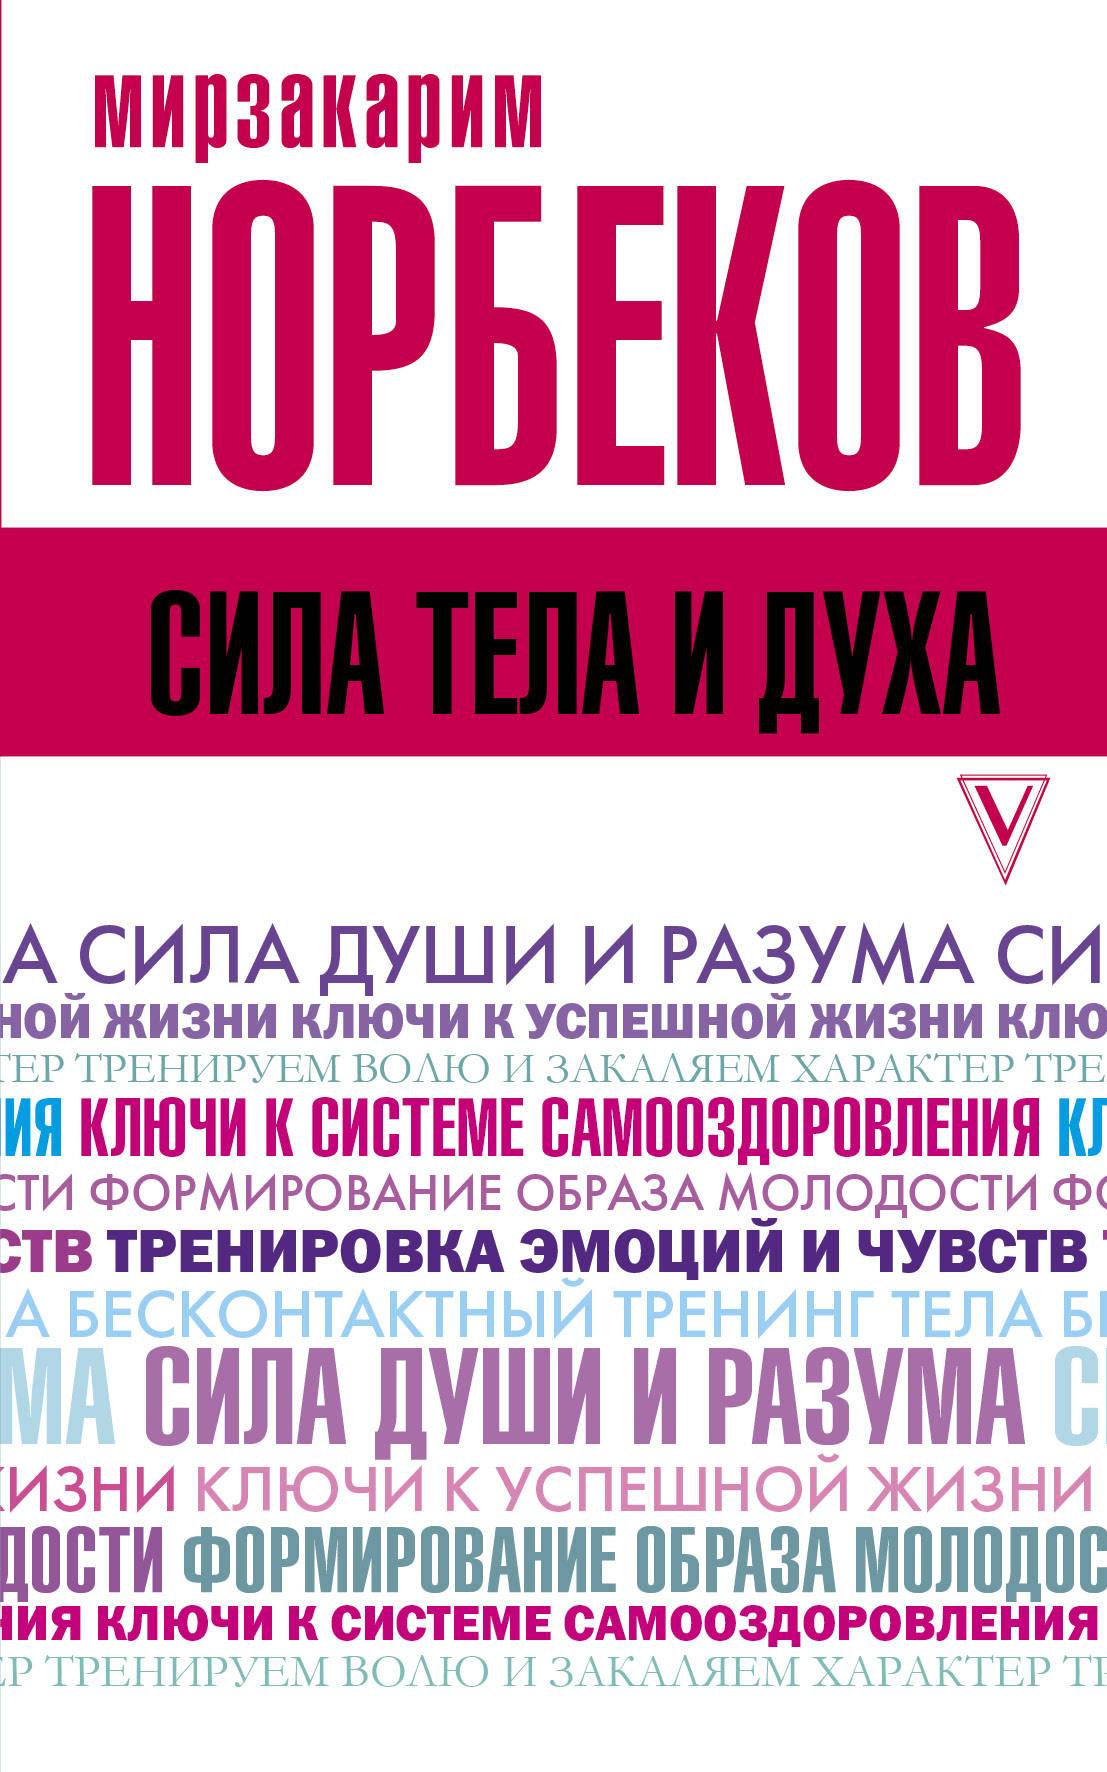 М. С. Норбеков Сила тела и духа